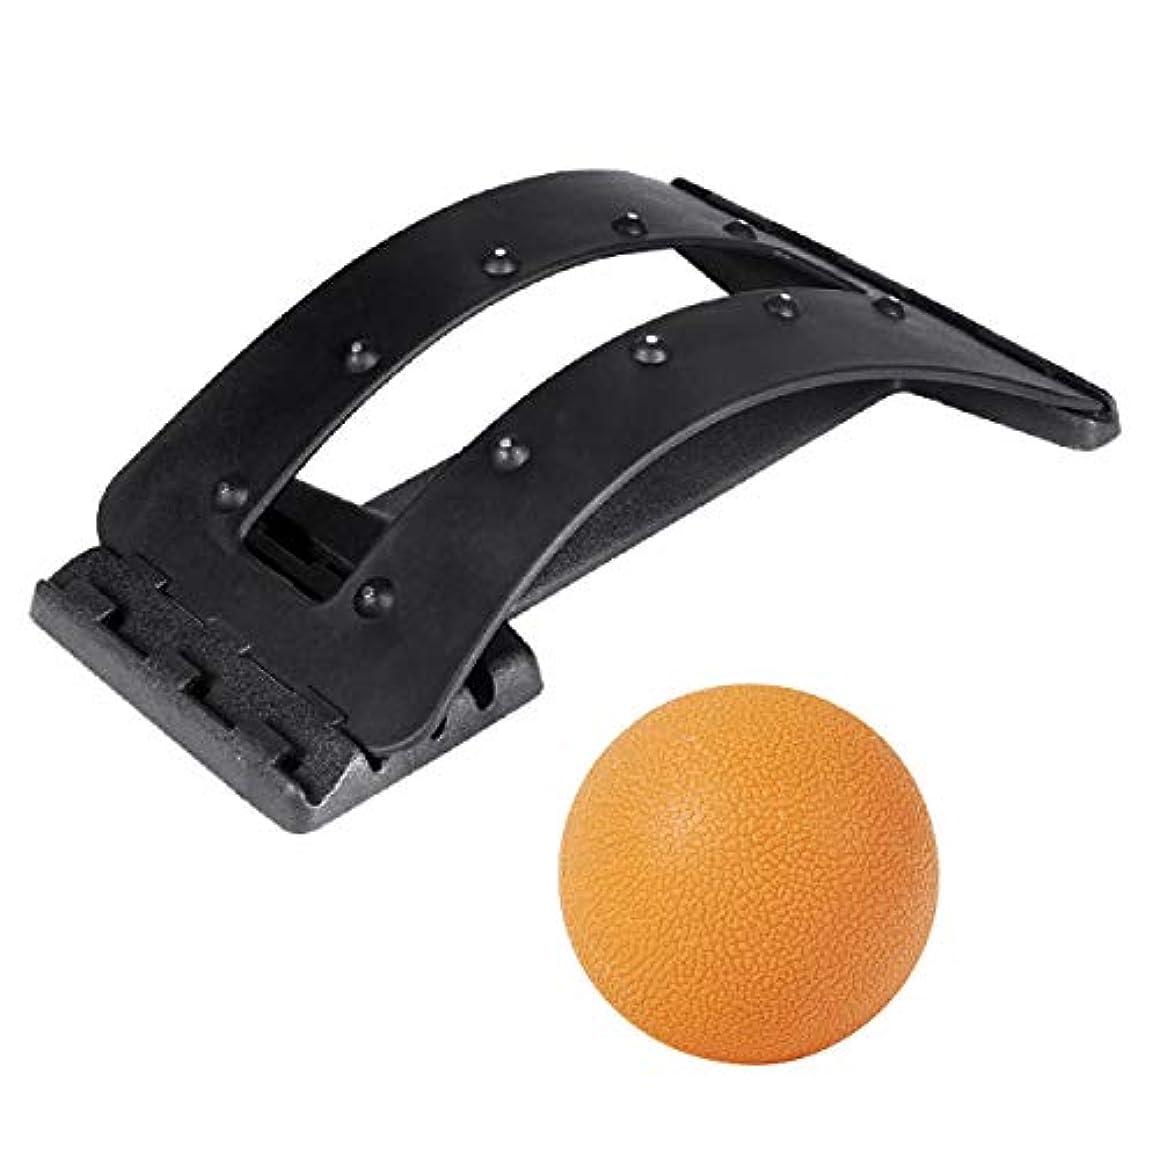 創造無視大工sac taske 背中 ストレッチ マッサージ ツボ押し ボード 背筋 腰痛対策 猫背 姿勢 矯正 (マッサージボール付き)